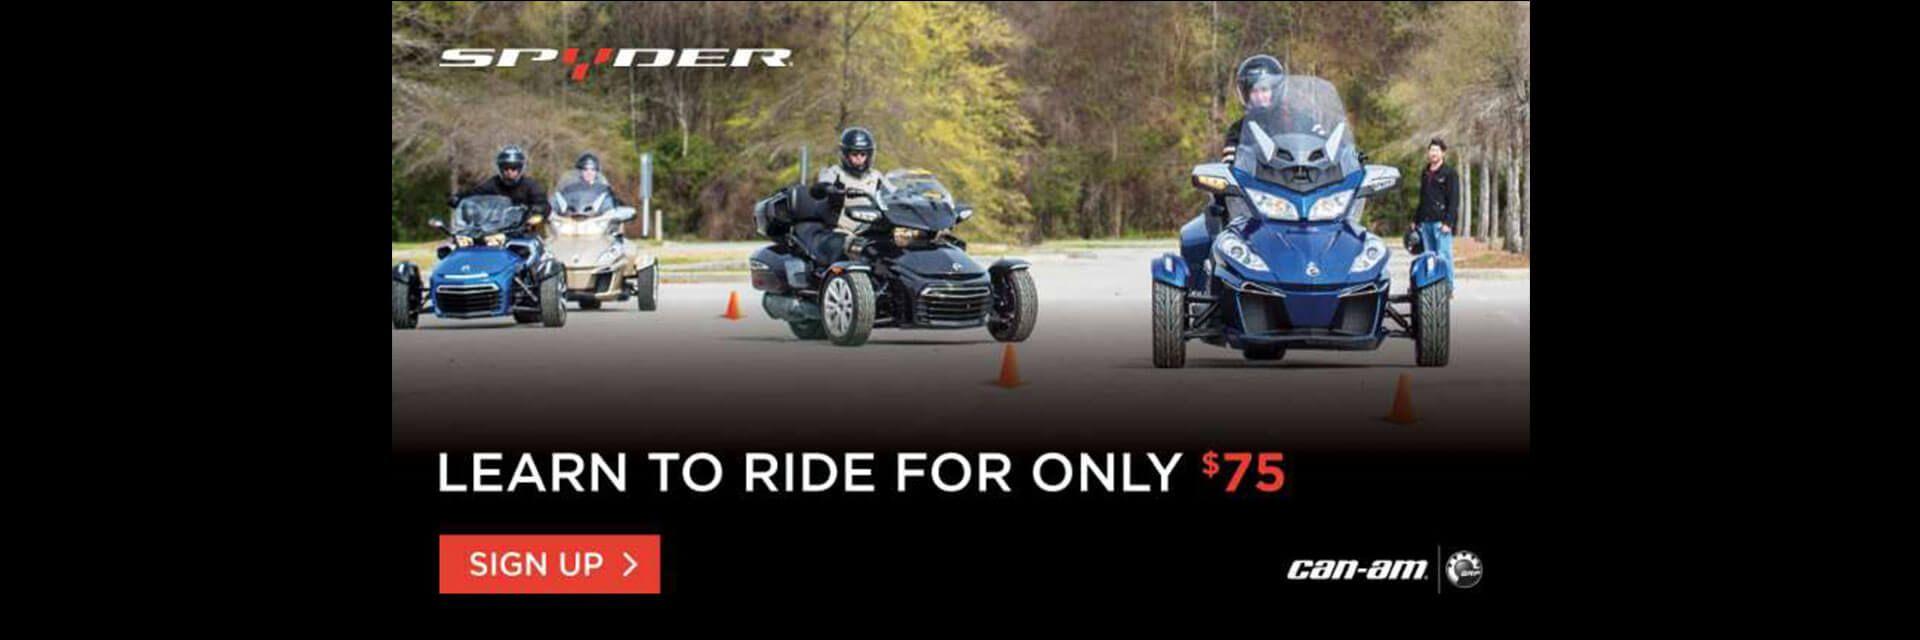 Can-Am Spyder Rider Education Program